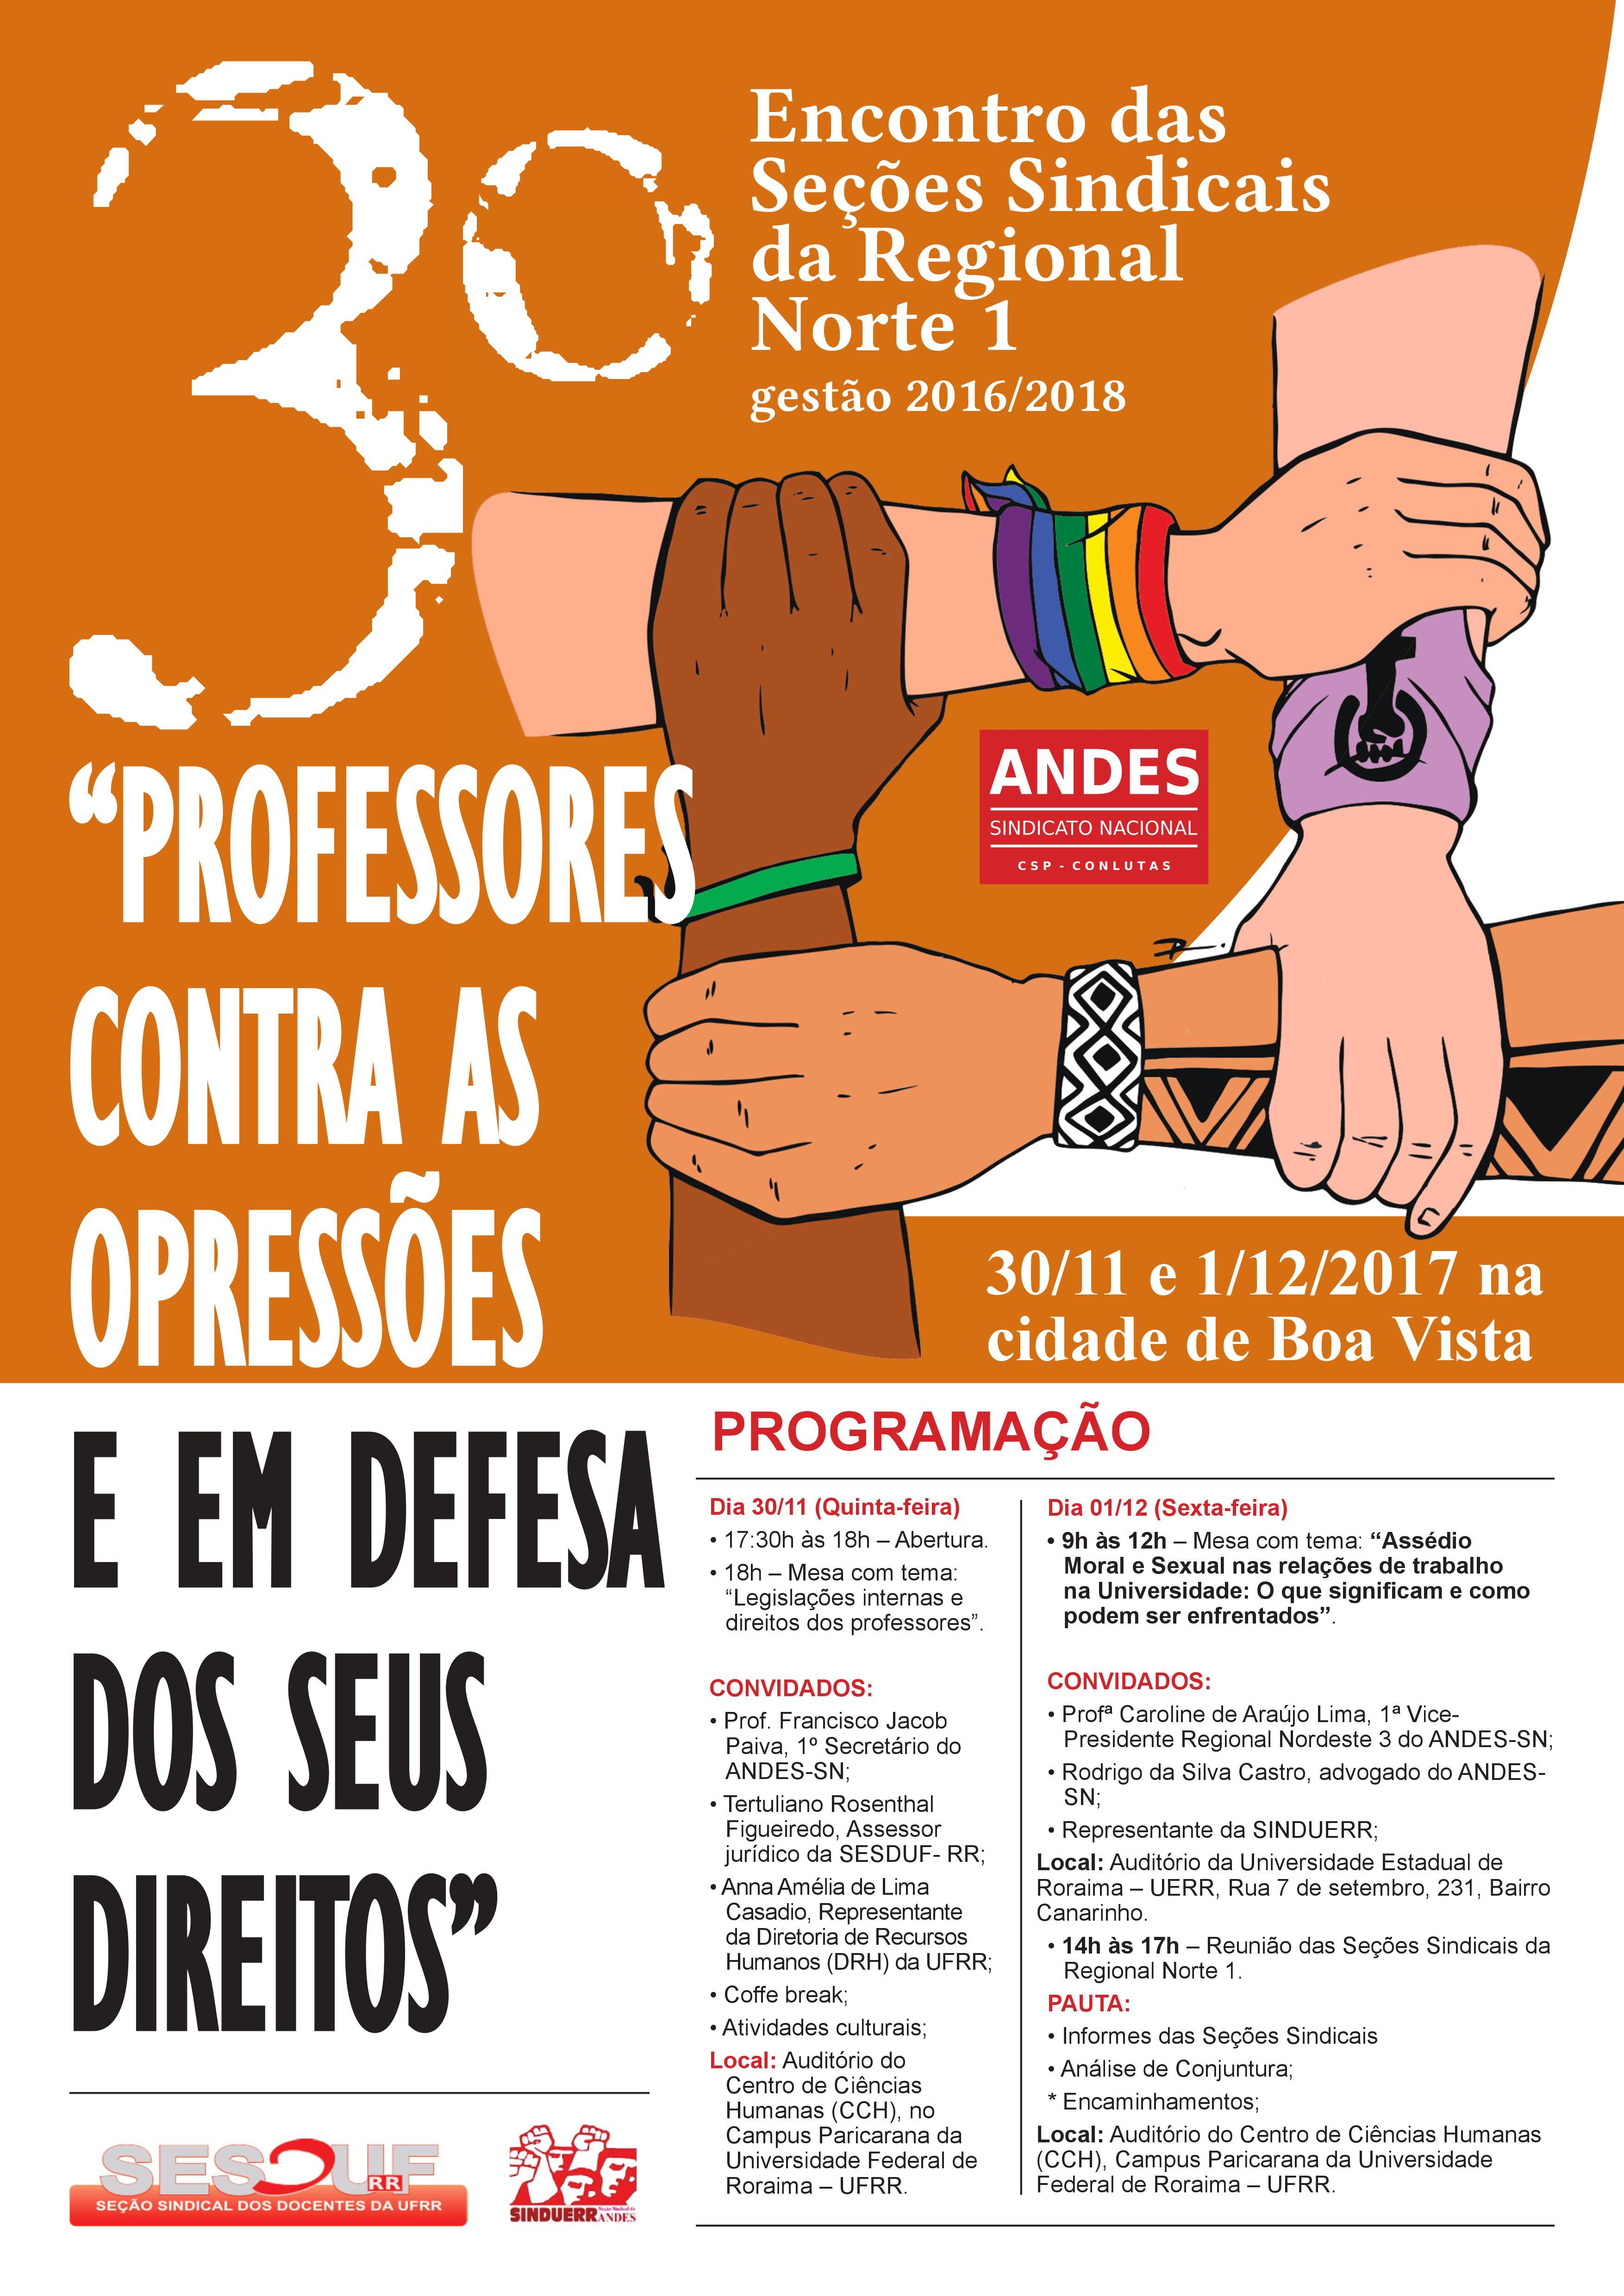 3º Encontro das Seções Sindicais da Regional Norte I do ANDES –SN acontecerá em Boa Vista